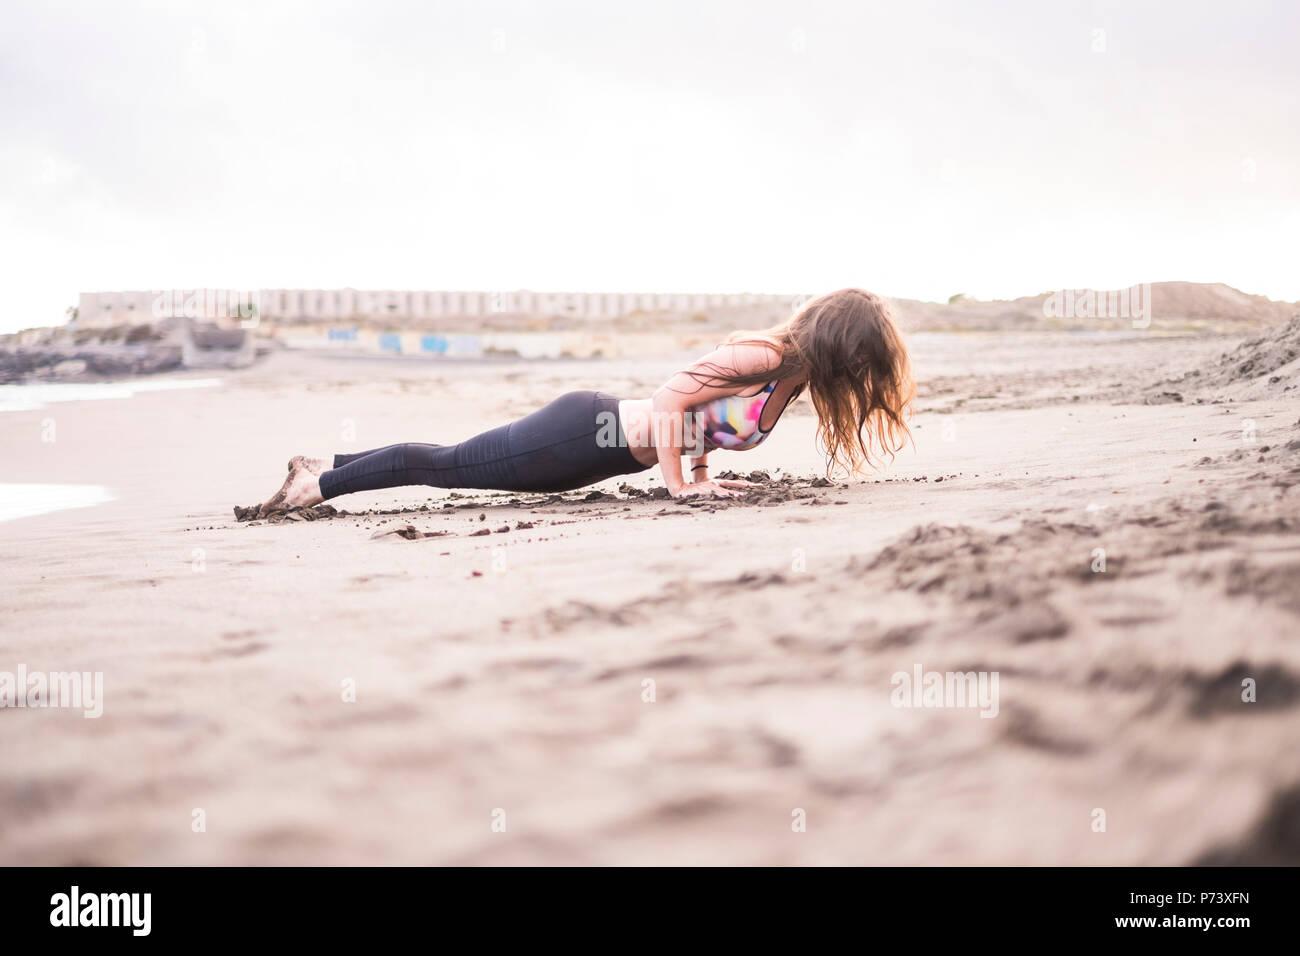 Planche parfaite pour de belles young caucasian dame à la plage sur la côte. journée ensoleillée en loisirs en plein air, activités sportives en force et équilibre exerc Banque D'Images